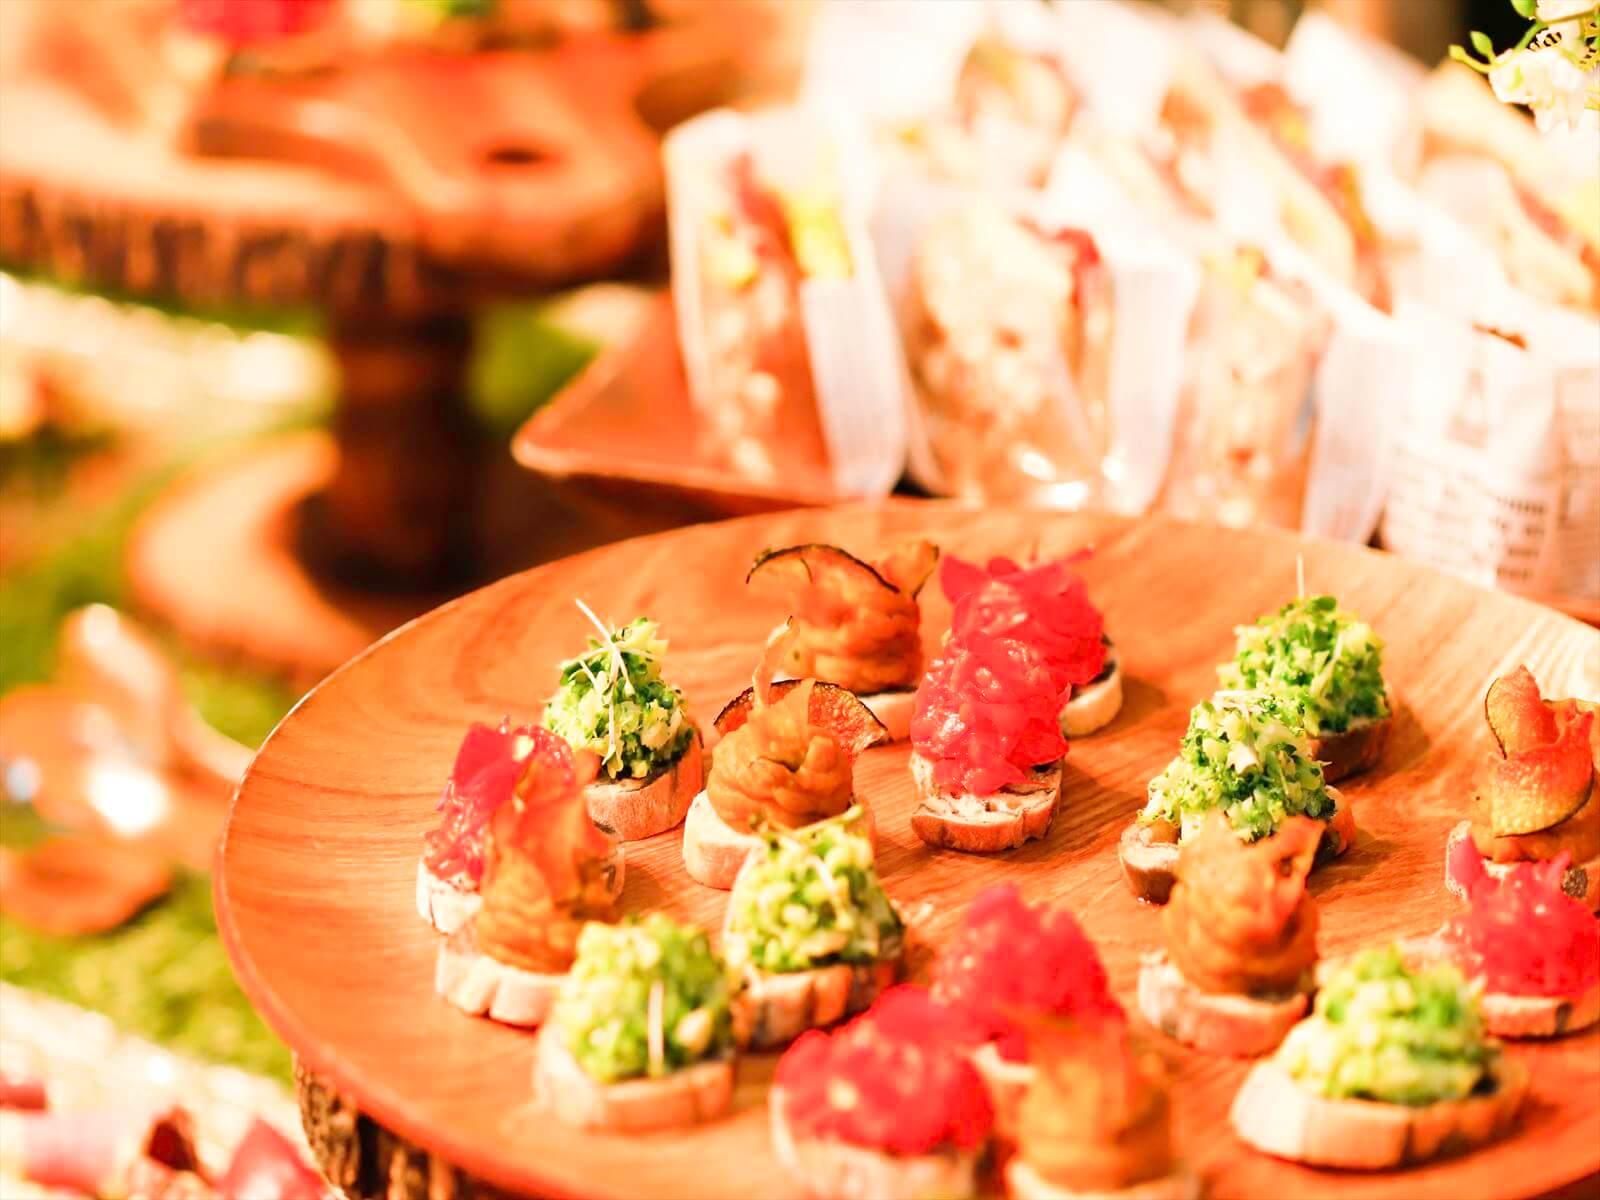 【ボリューム満点】洋食中心!フォリクラッセの本格パーティー向け豪華ケータリングプラン画像3